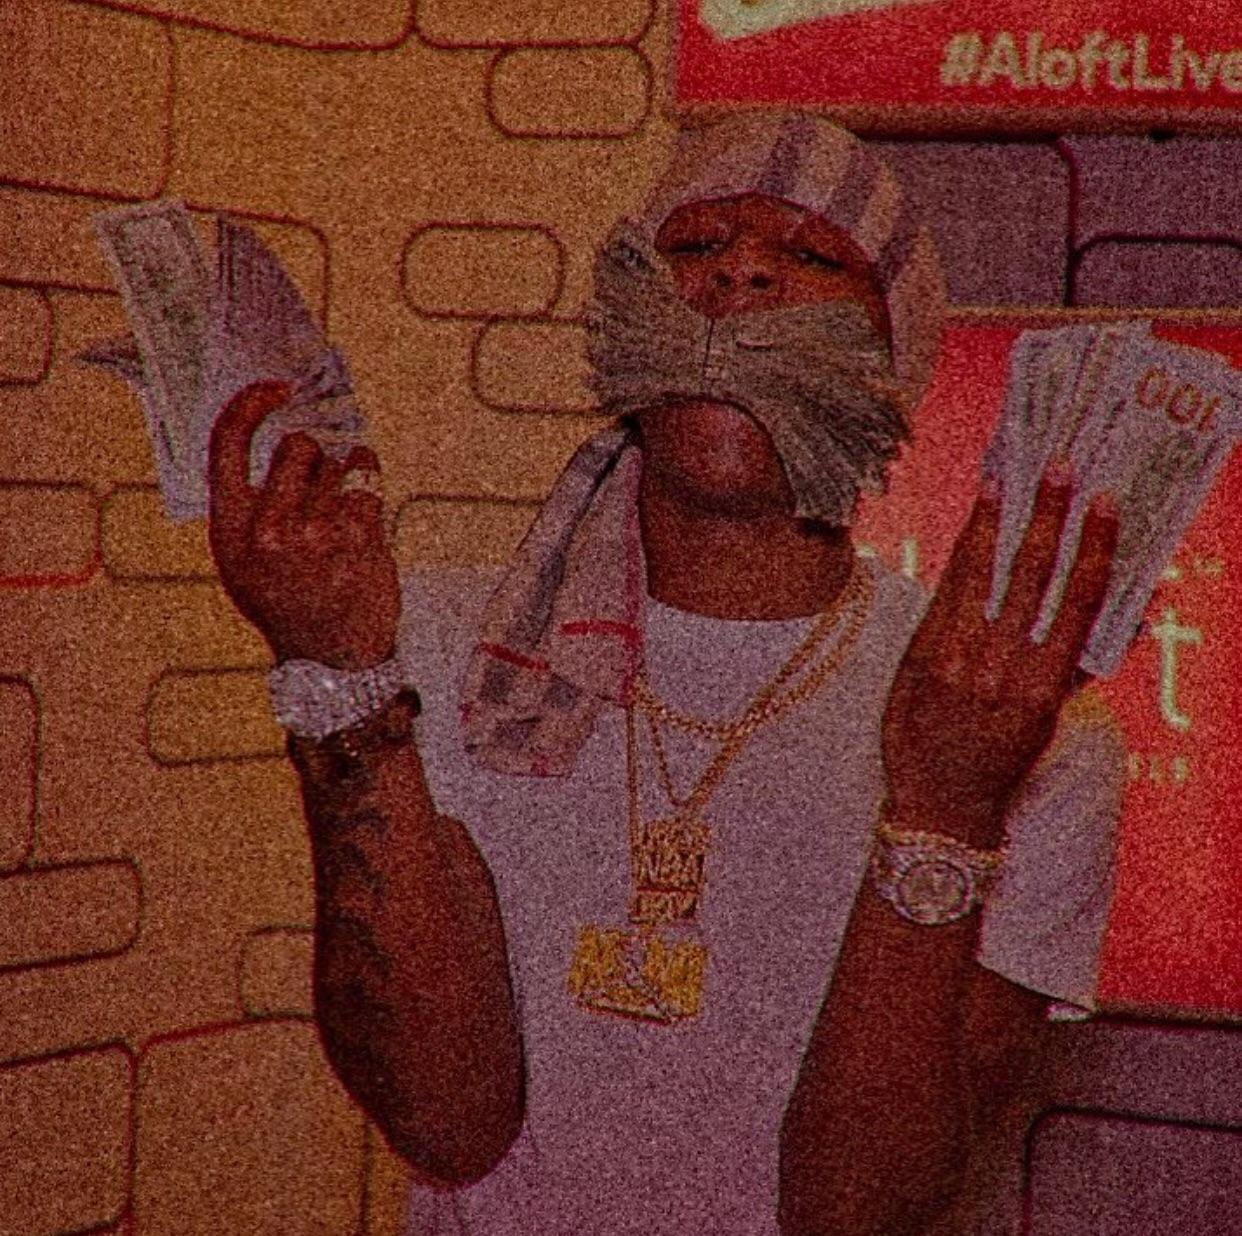 money and nbayoungboy image